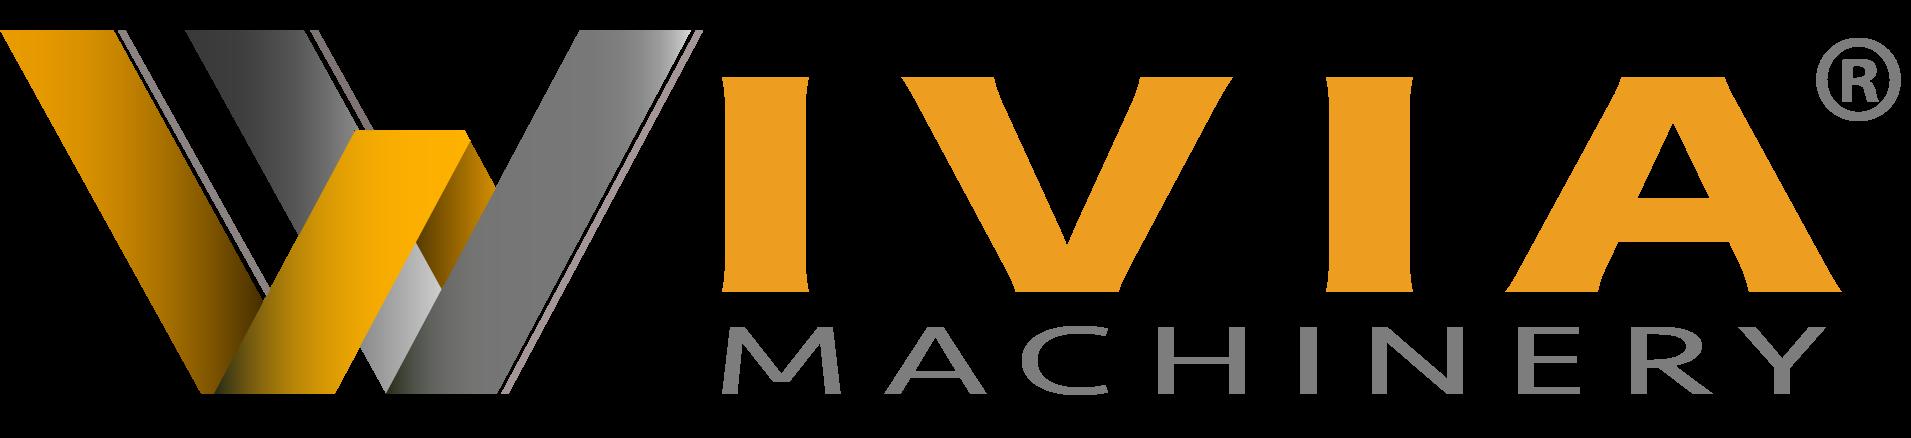 Wivia-Machinery GmbH & Co.KG Meßstetten